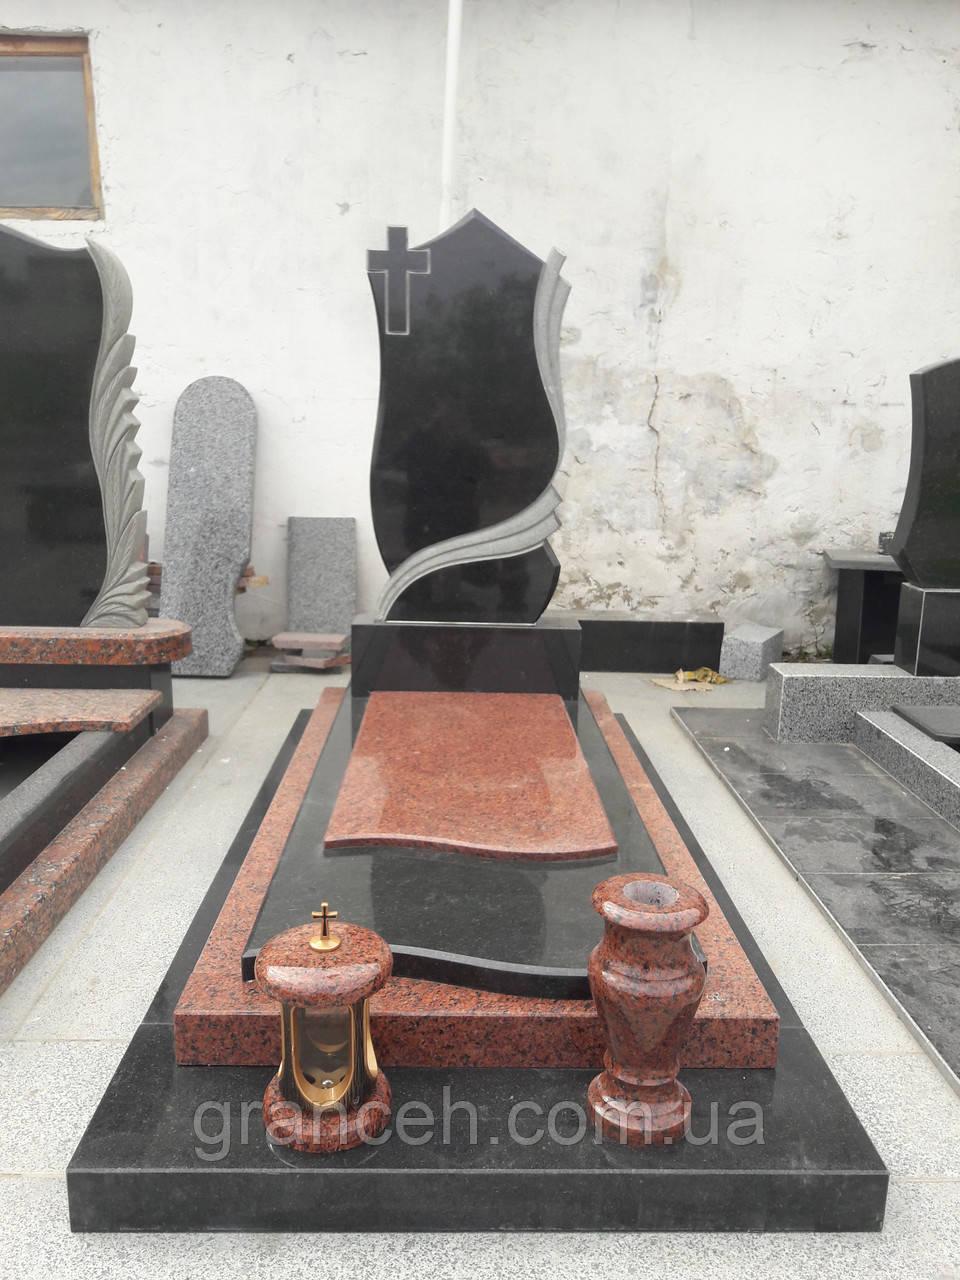 Памятник из гранита №136 - GRANCEH в Житомирской области